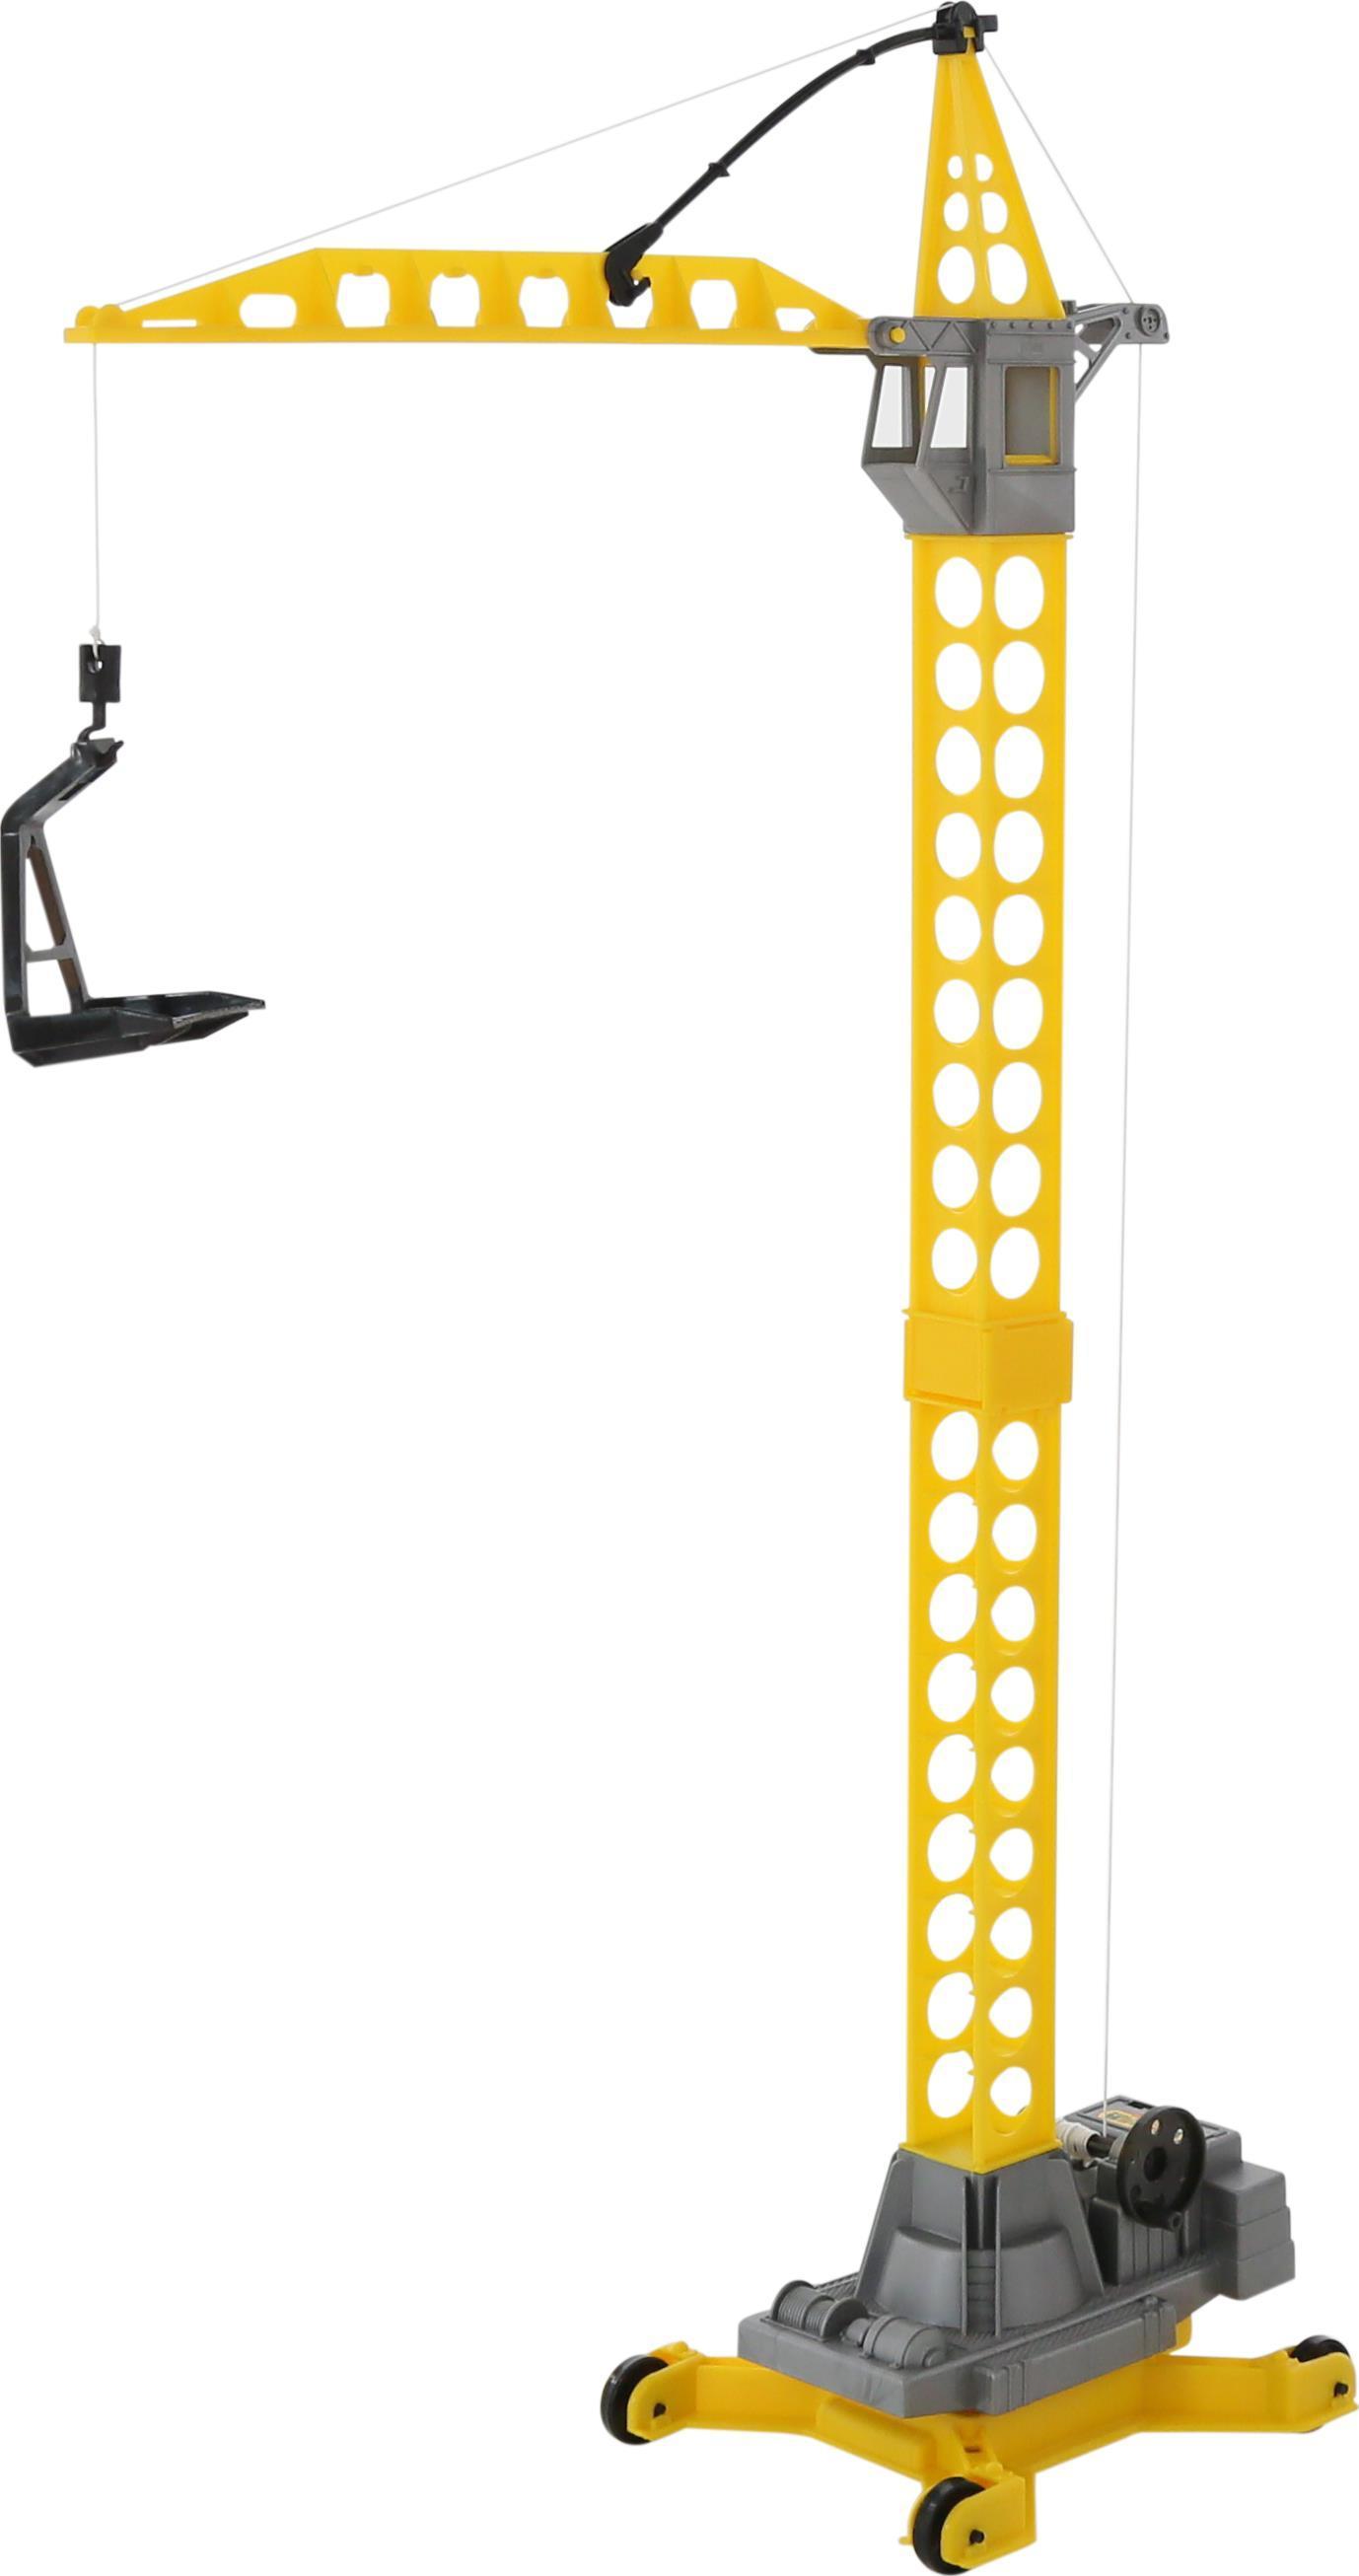 Башенный кран на колёсиках – Агат, большойИгрушечные подъемные краны<br>Башенный кран на колёсиках – Агат, большой<br>